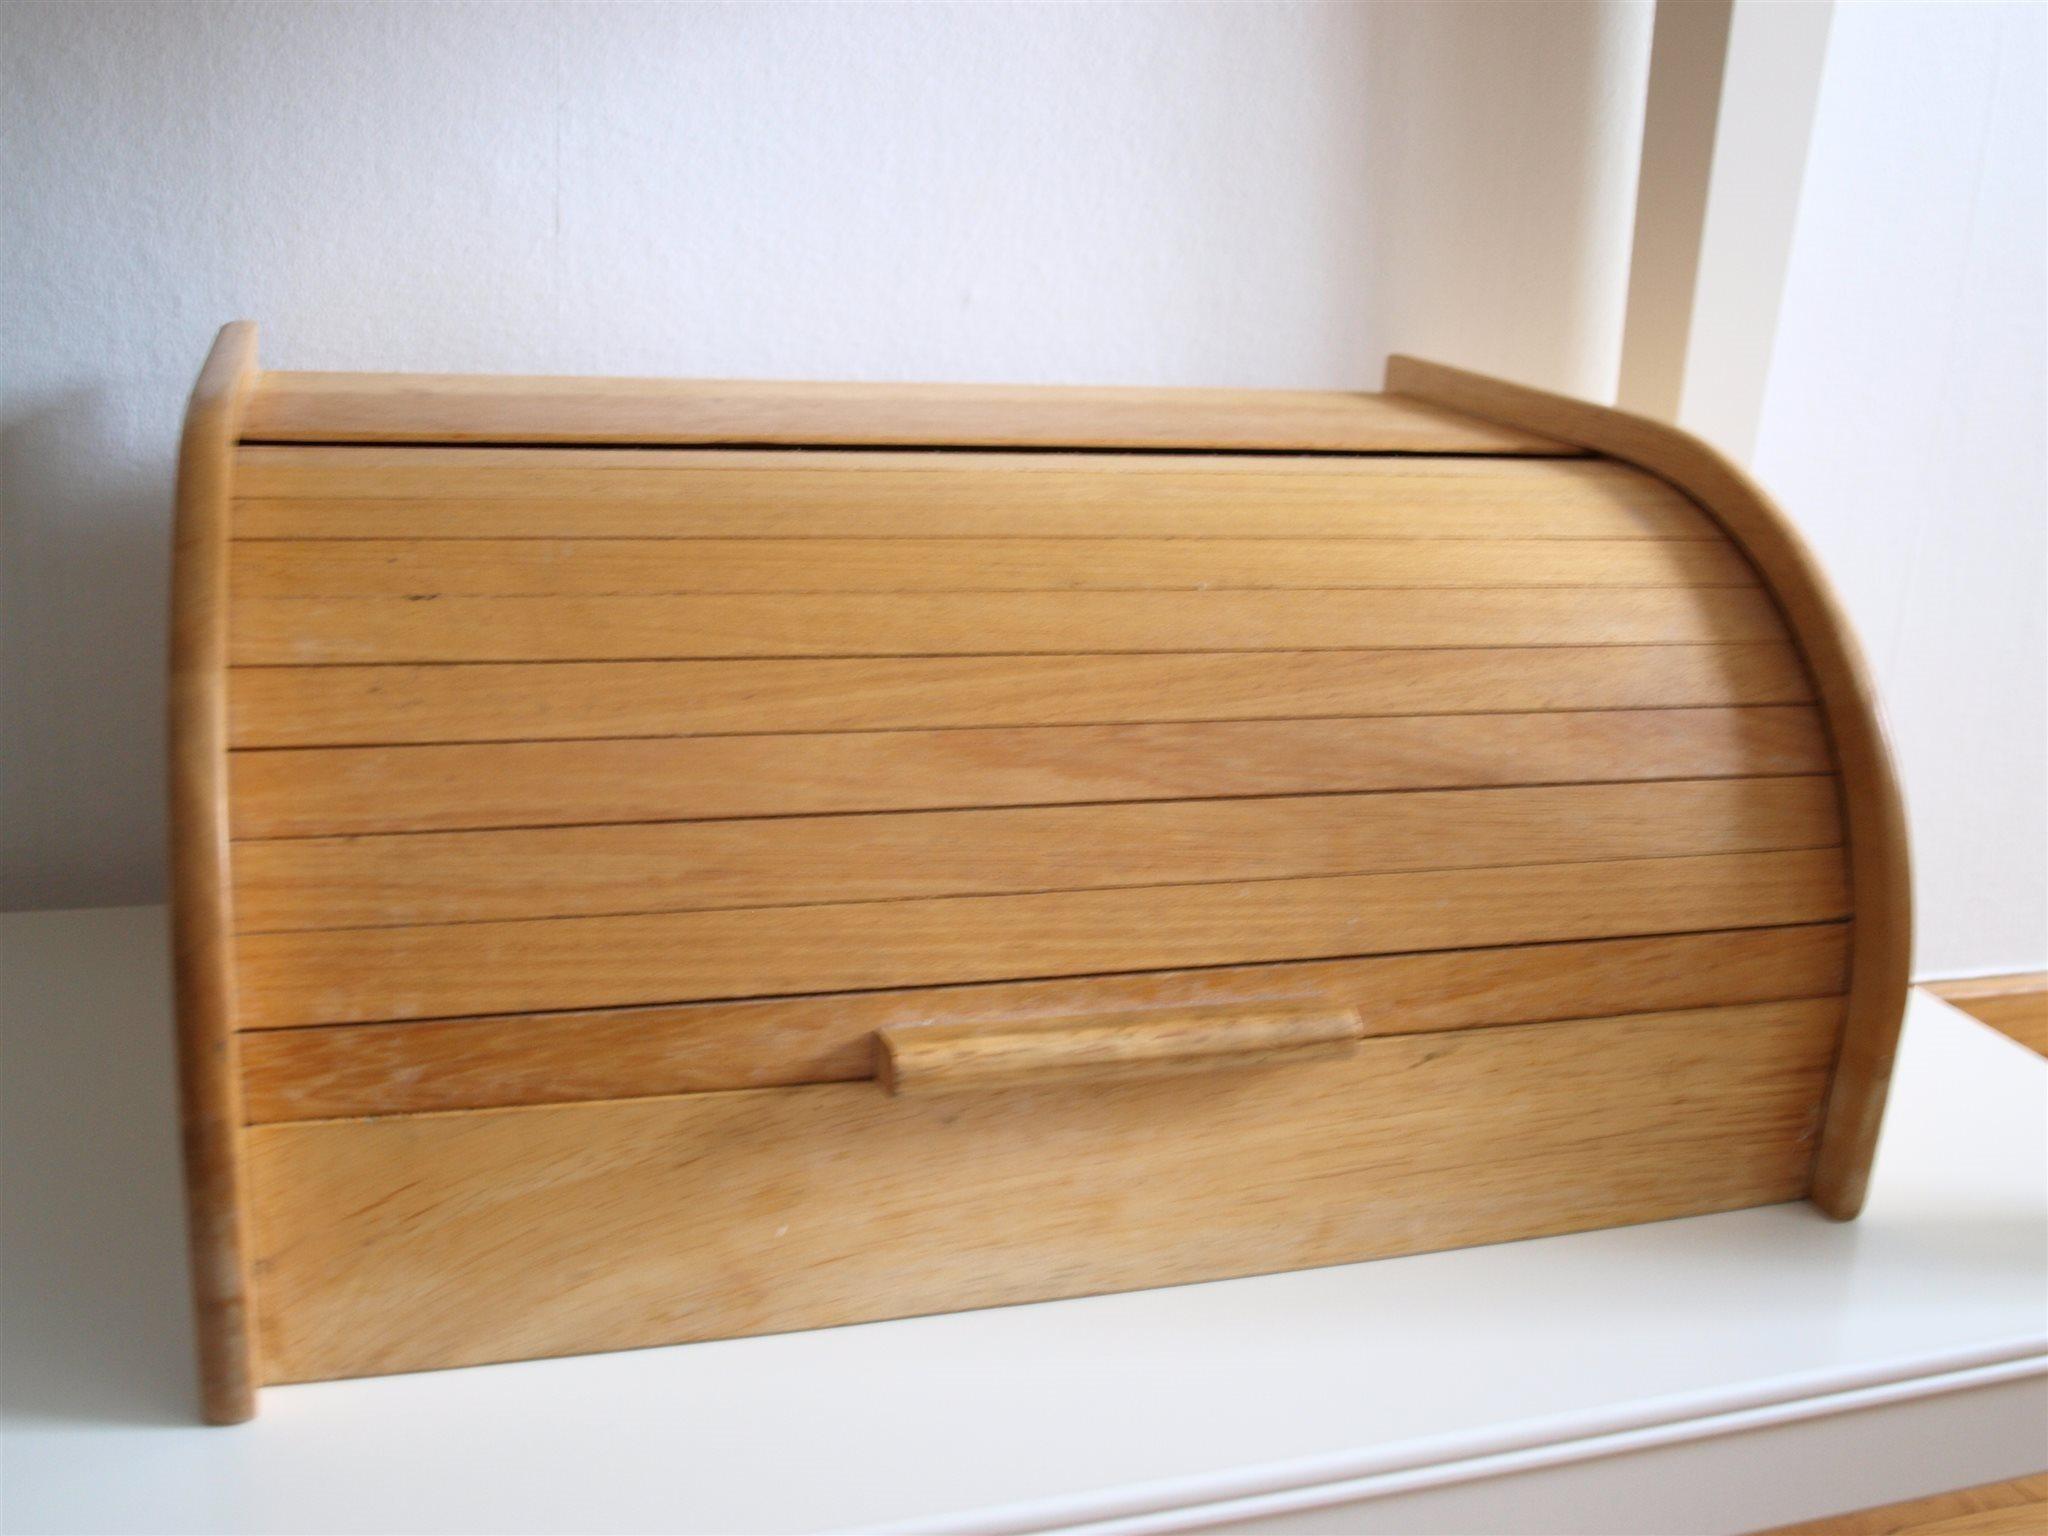 lådor förvaring trä